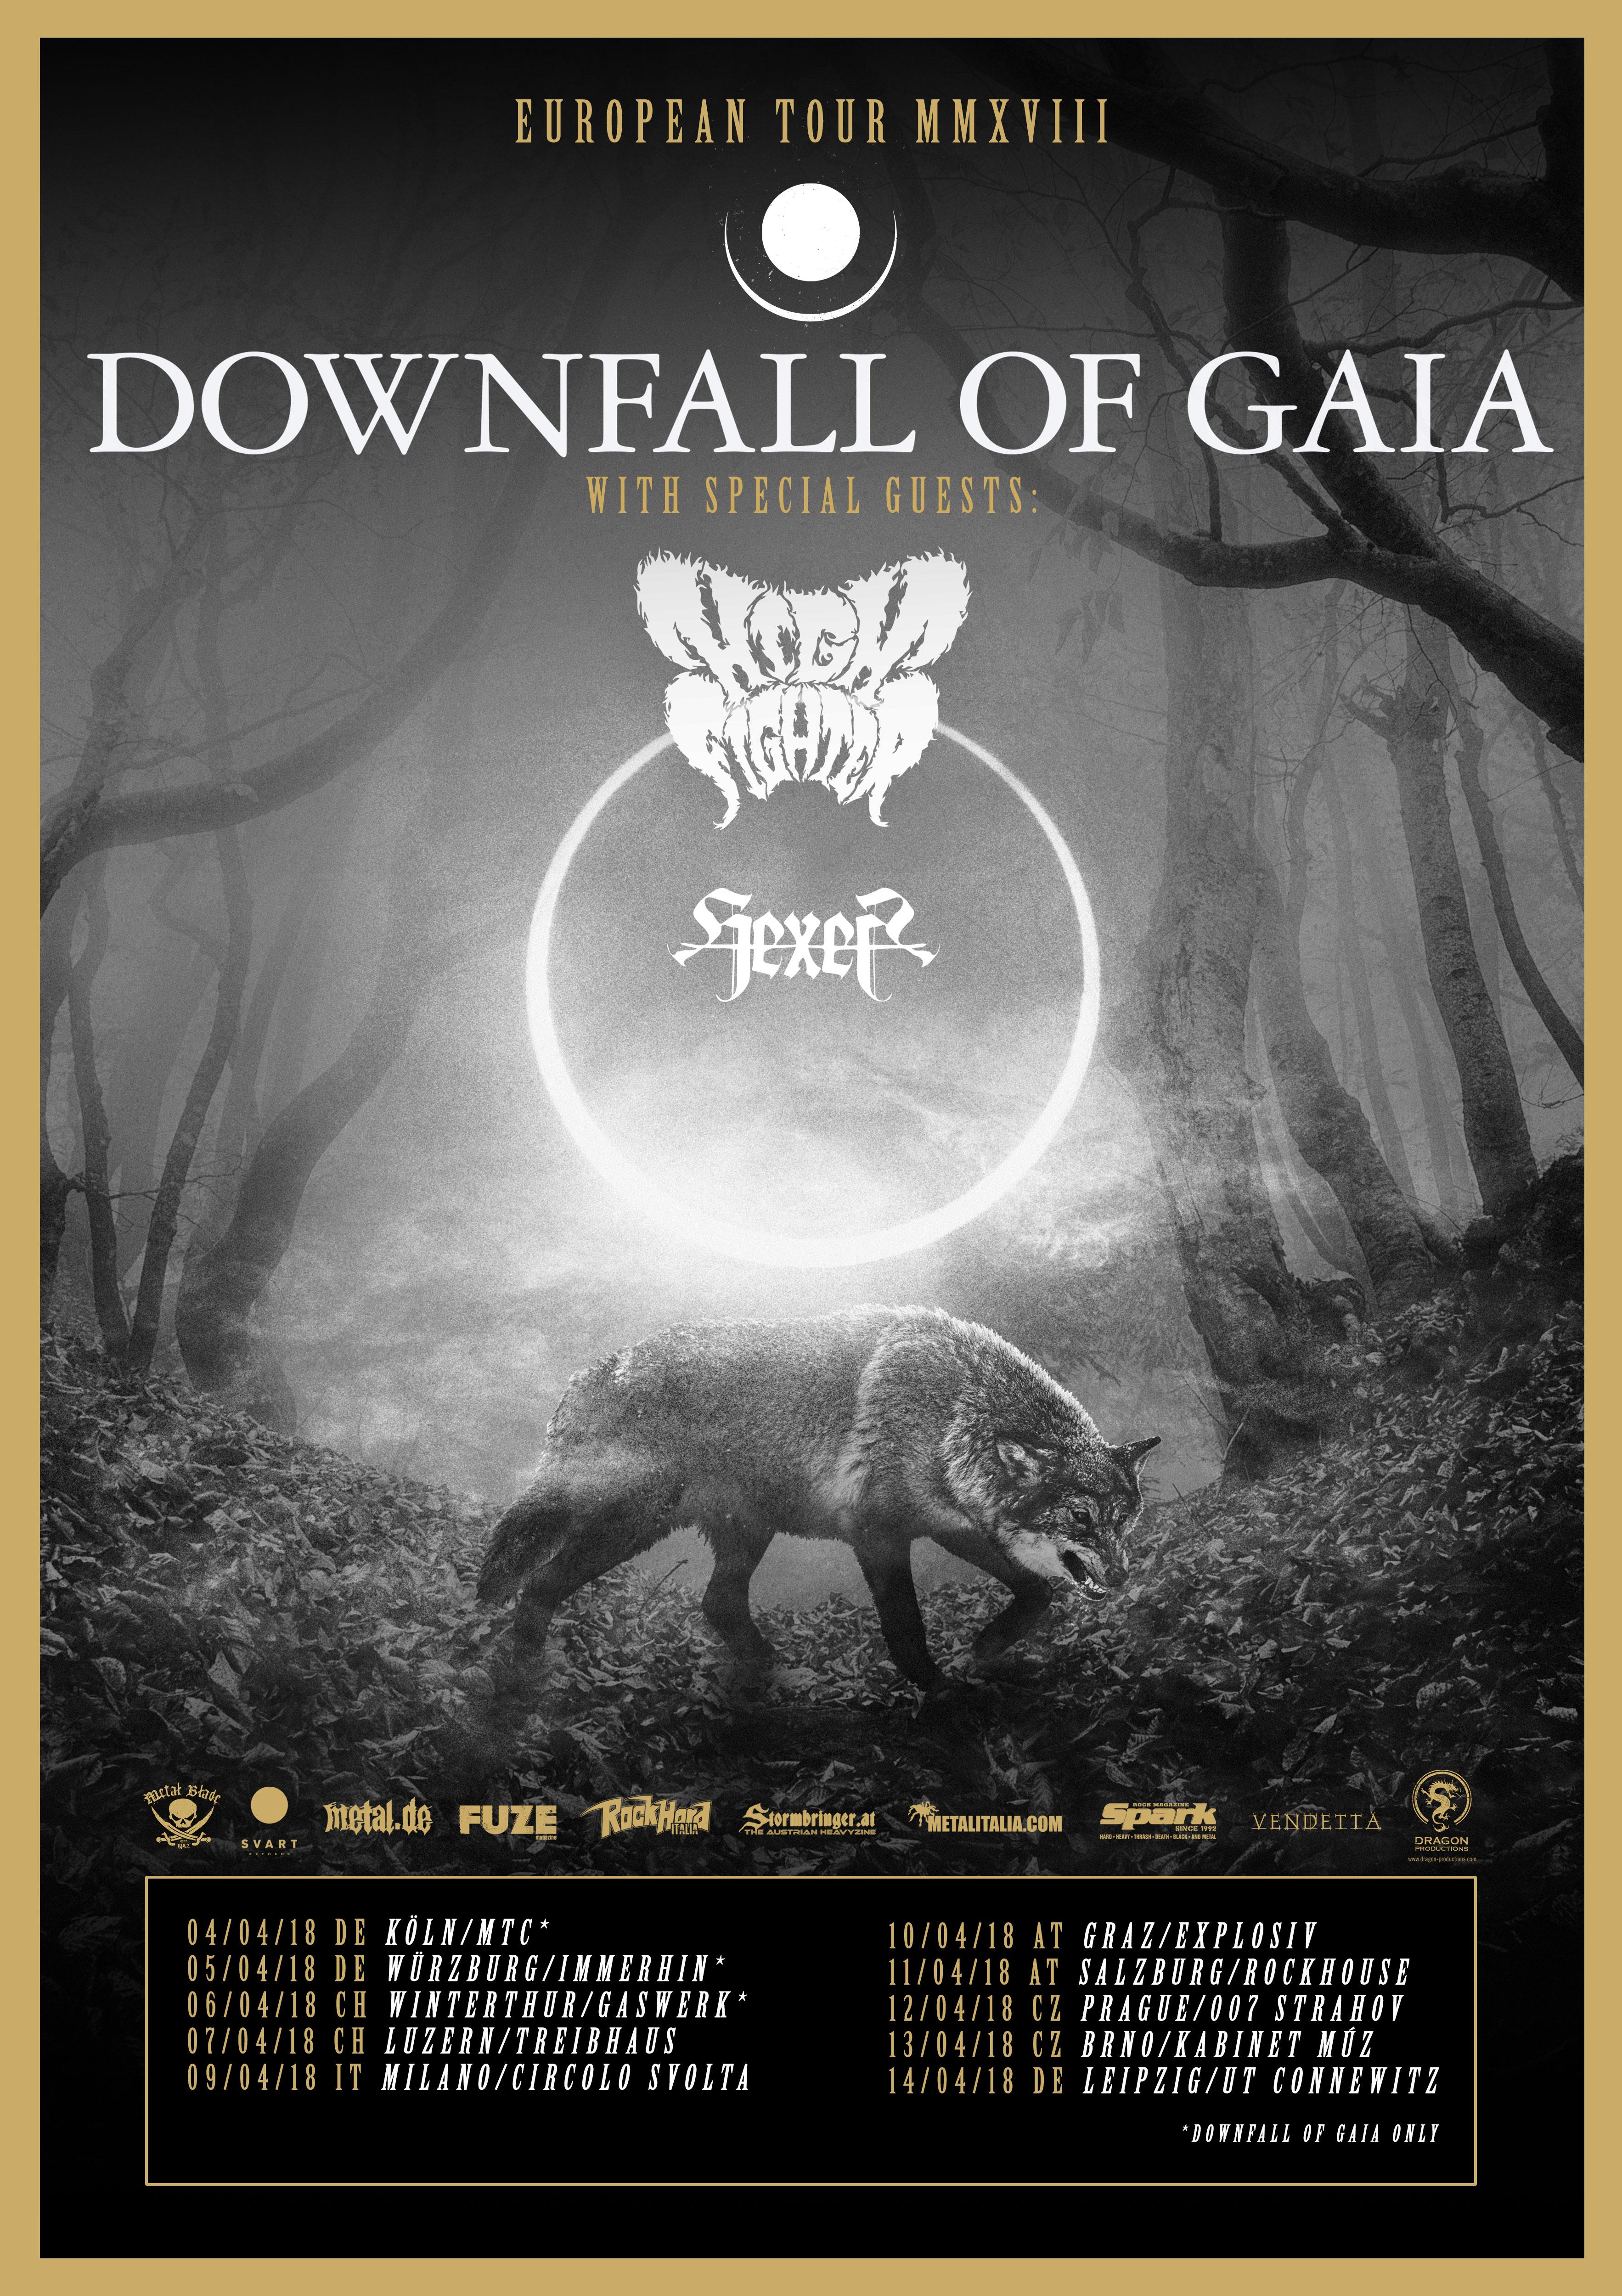 Downfall Of Gaia - Europea Tour MMXVIII April